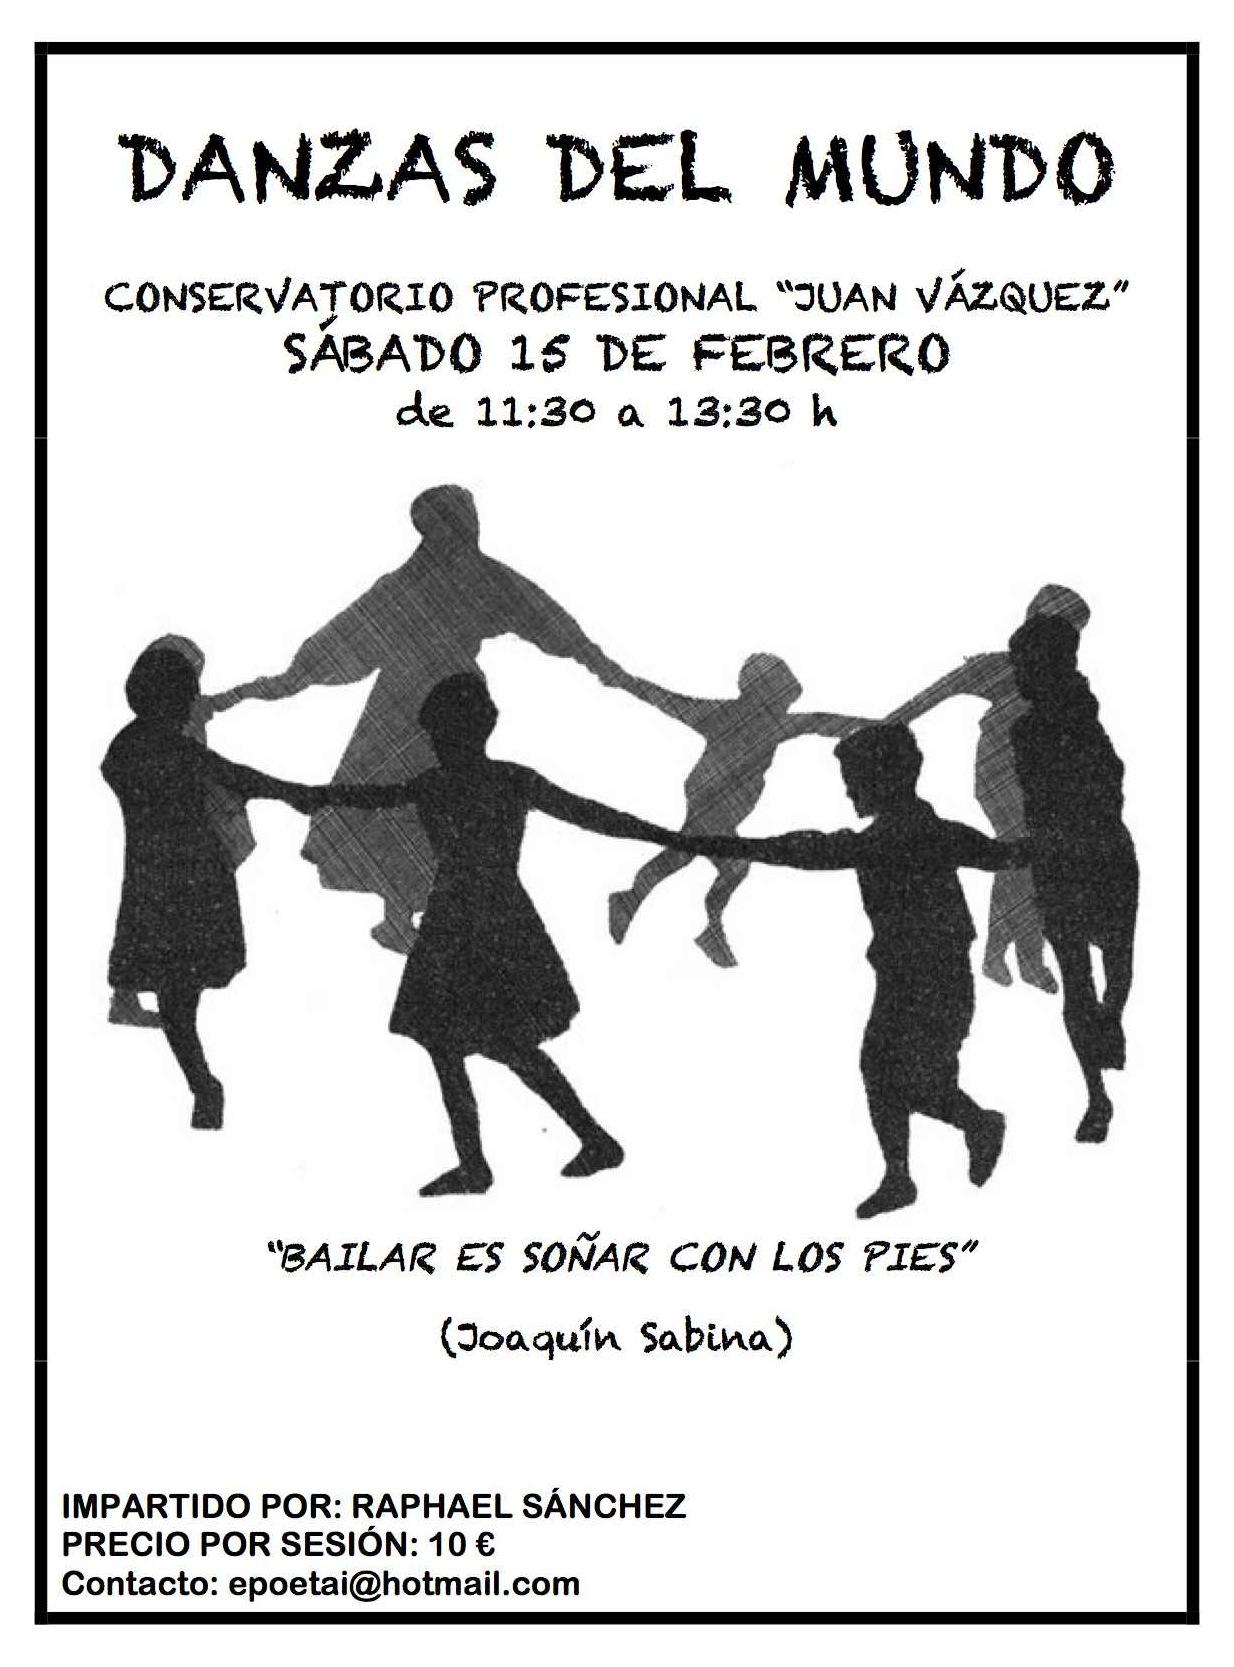 CARTEL-DANZAS-DEL-MUNDO-febrero1